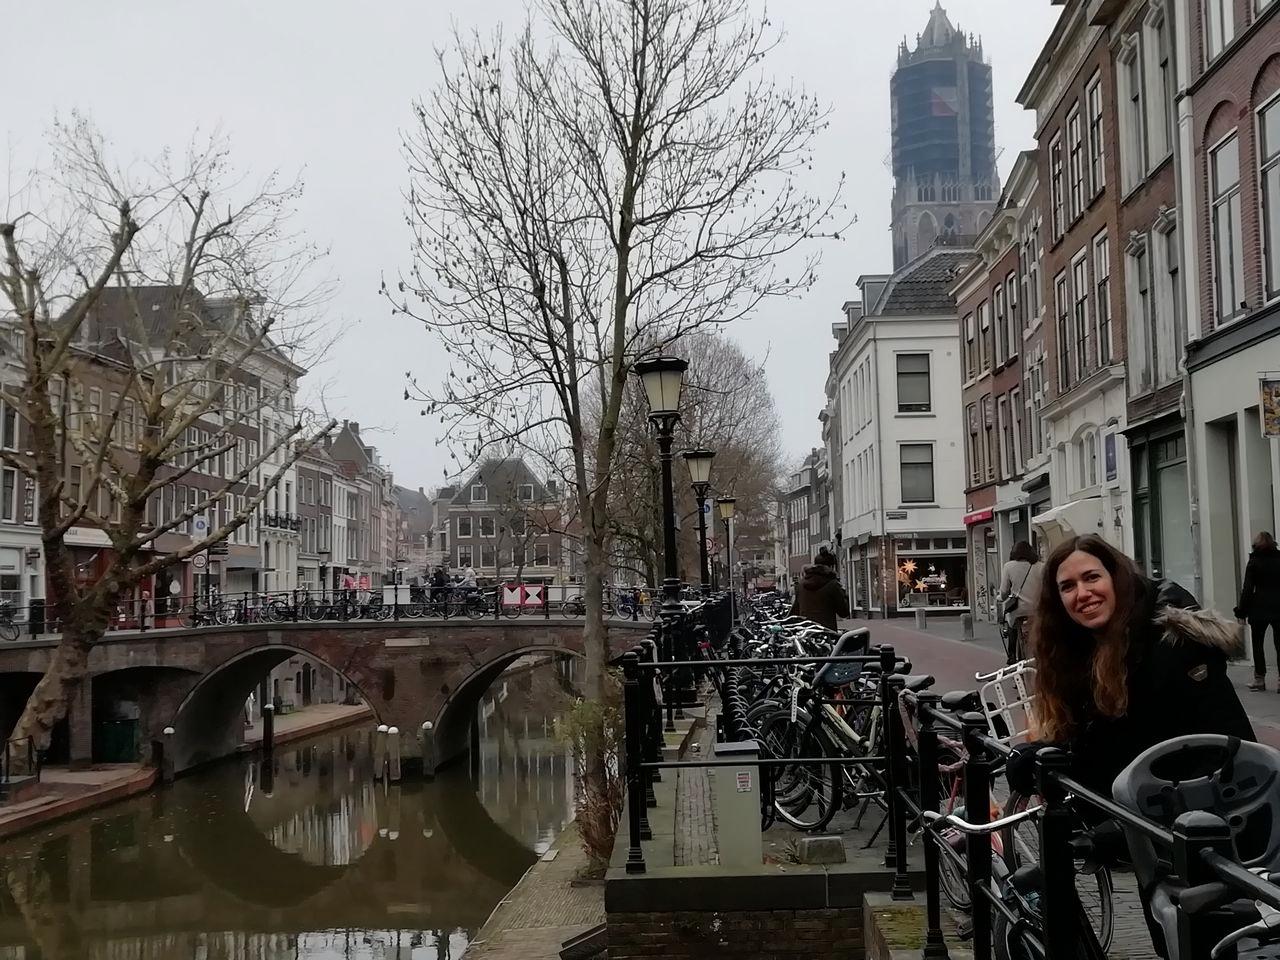 La diferencia entre Holanda y Países Bajos es que el primero hace alusión a solo dos provincias del país.